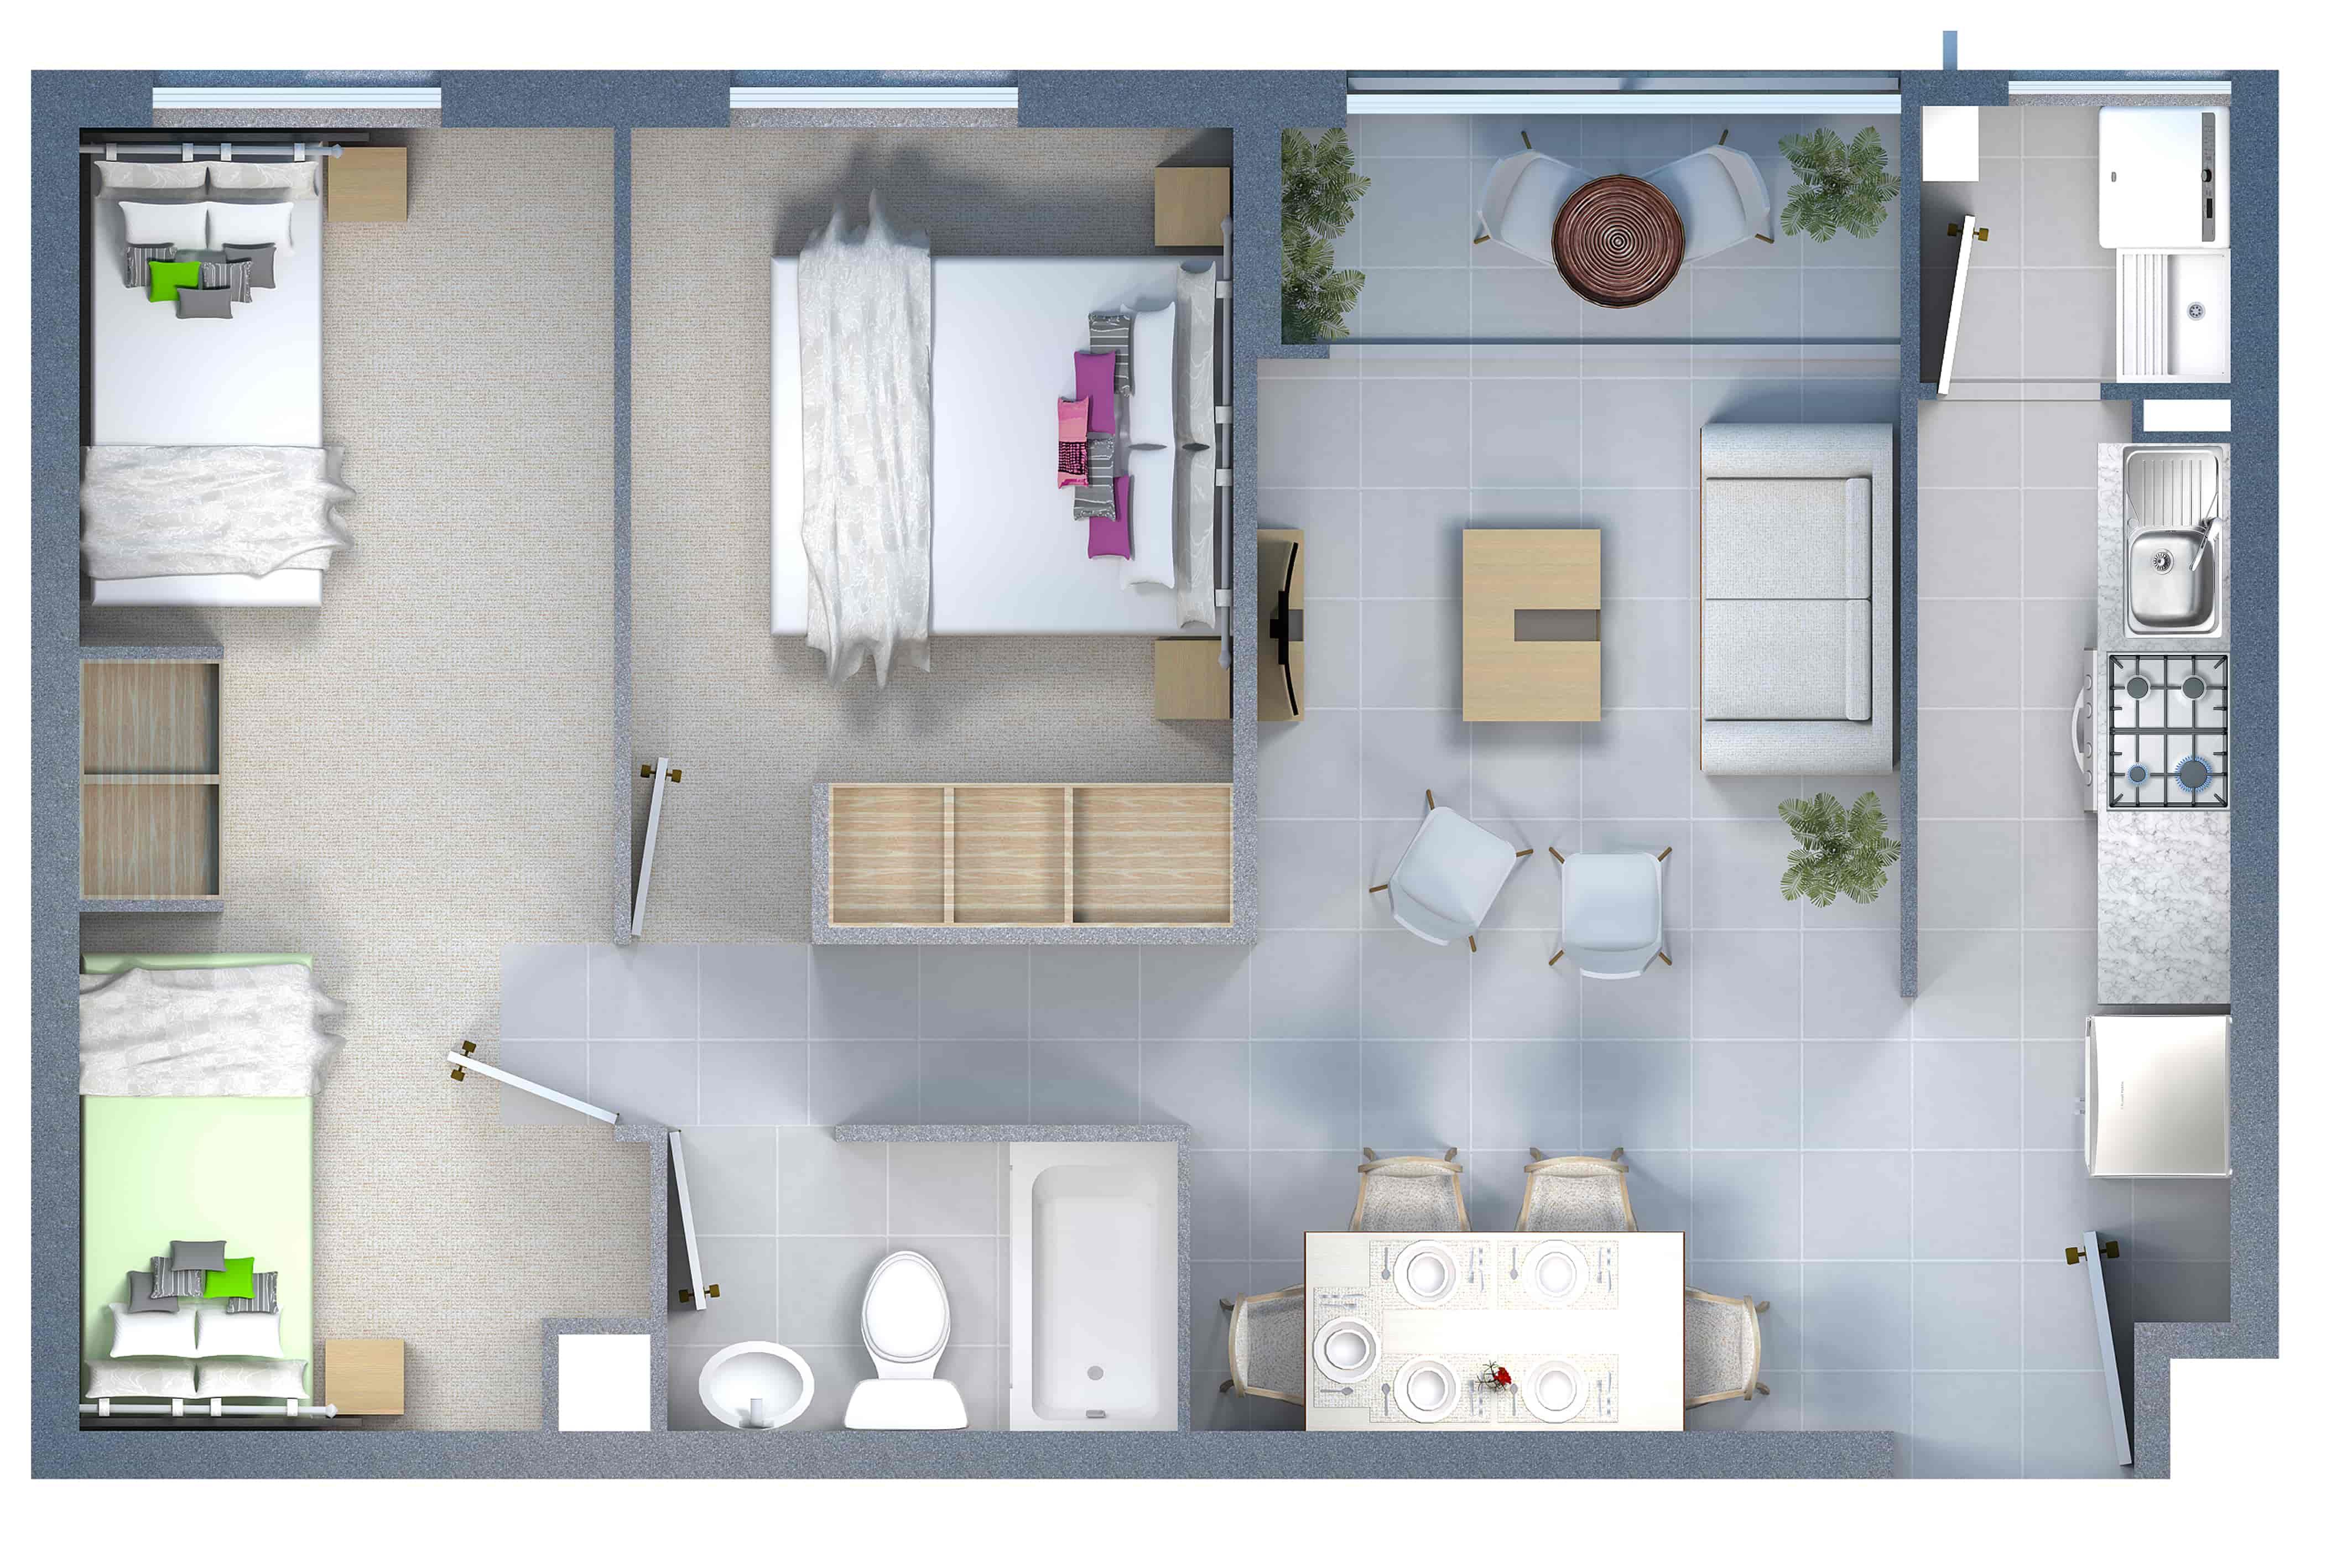 Cm4 Francisco de Aguirre 2 dormitorios y 1 baño